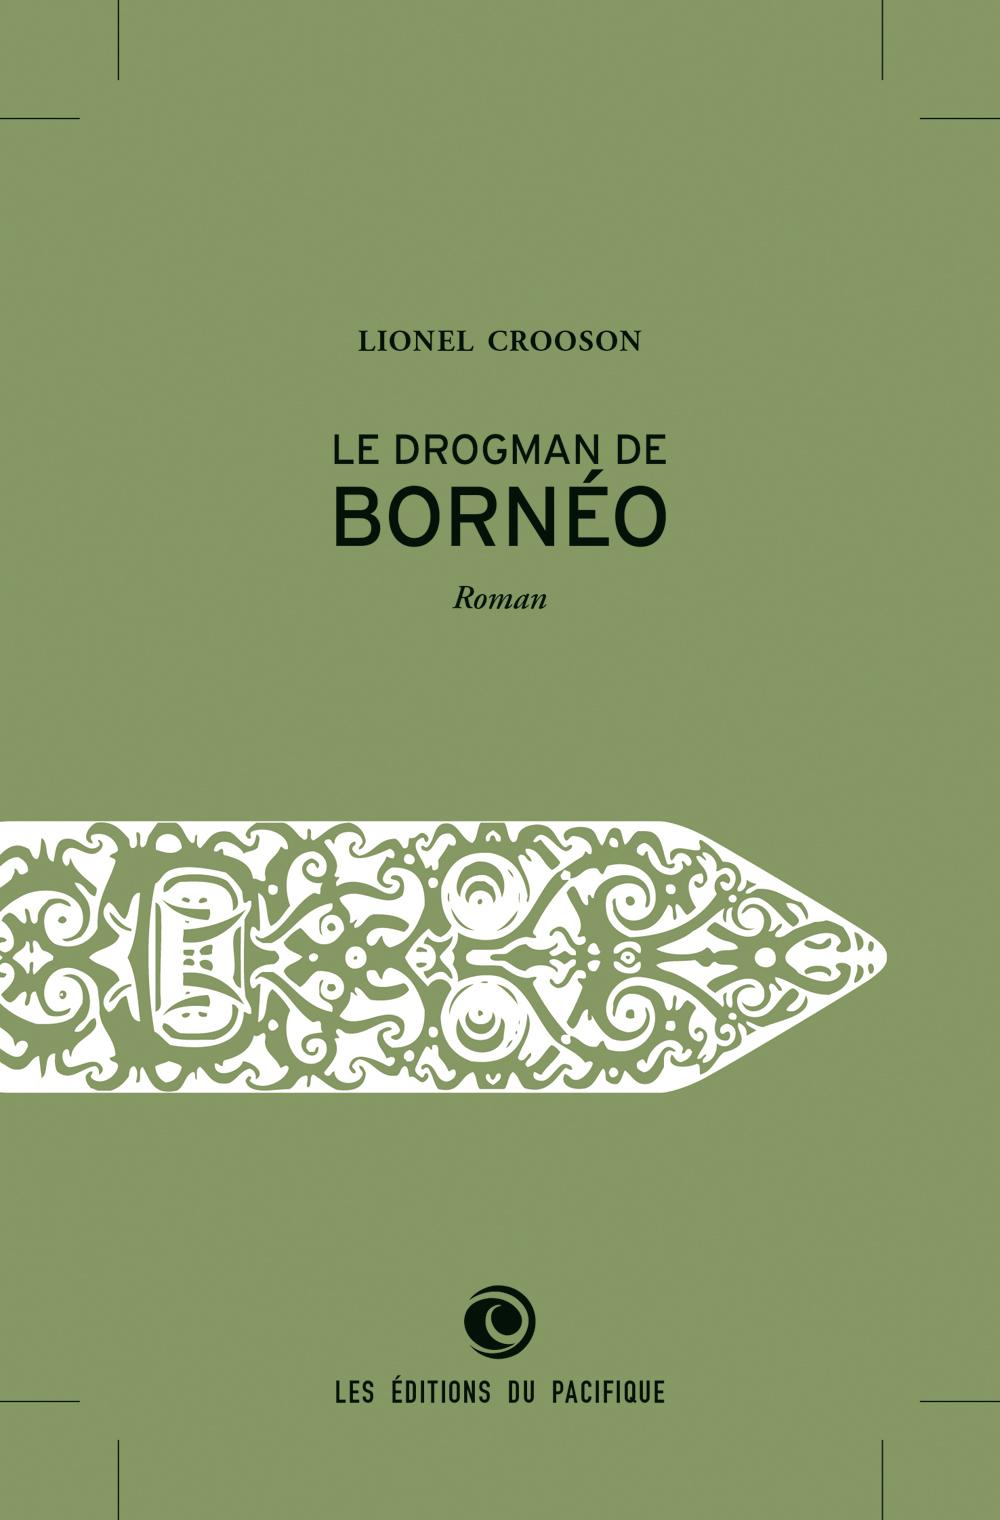 Le Drogman de Bornéo